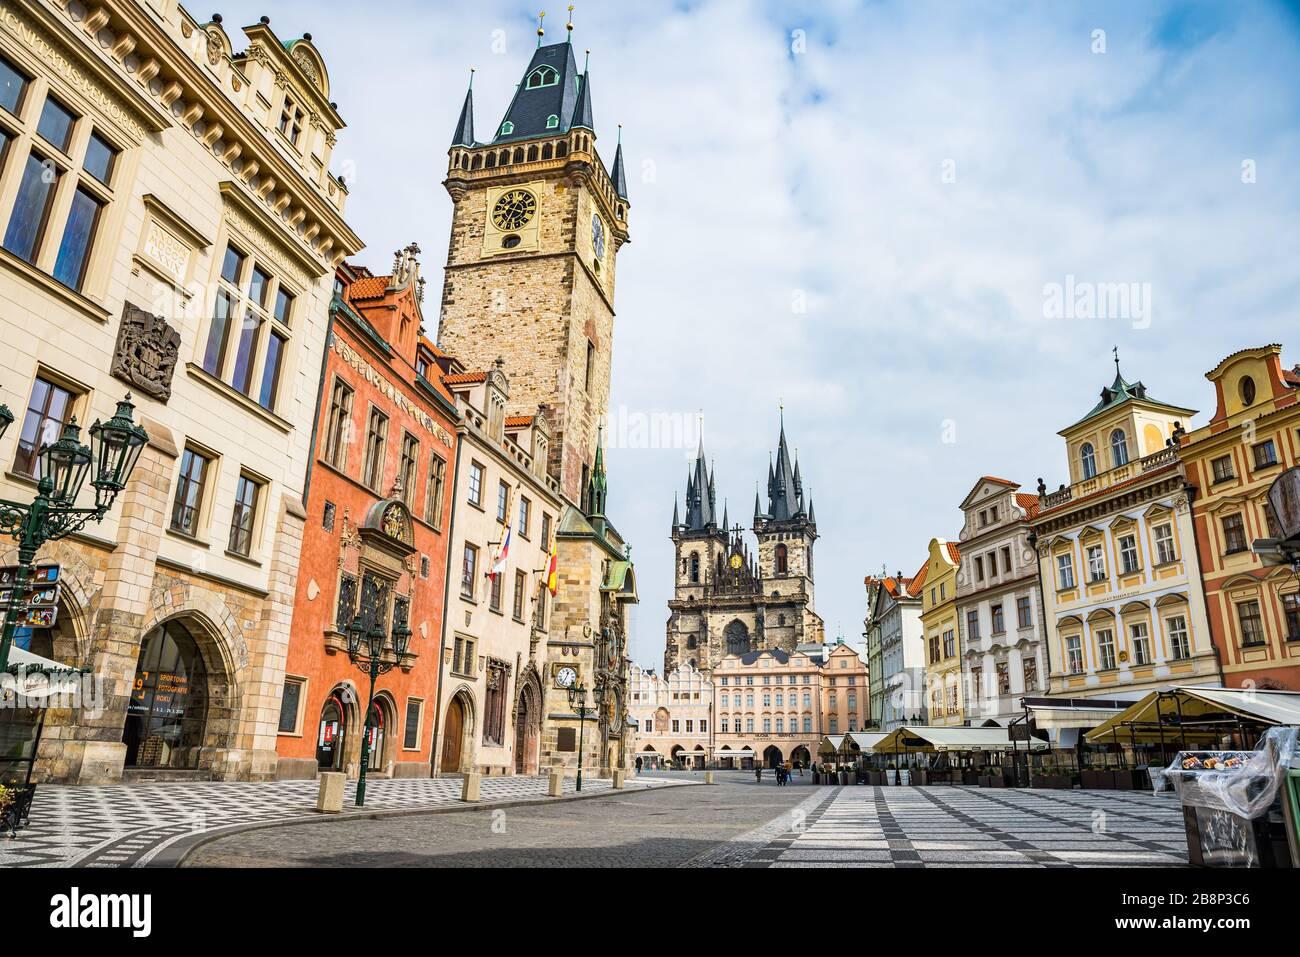 Praga, república Checa - 19 de marzo de 2020. Plaza de la Ciudad Vieja sin turistas durante la crisis del coronavirus Foto de stock